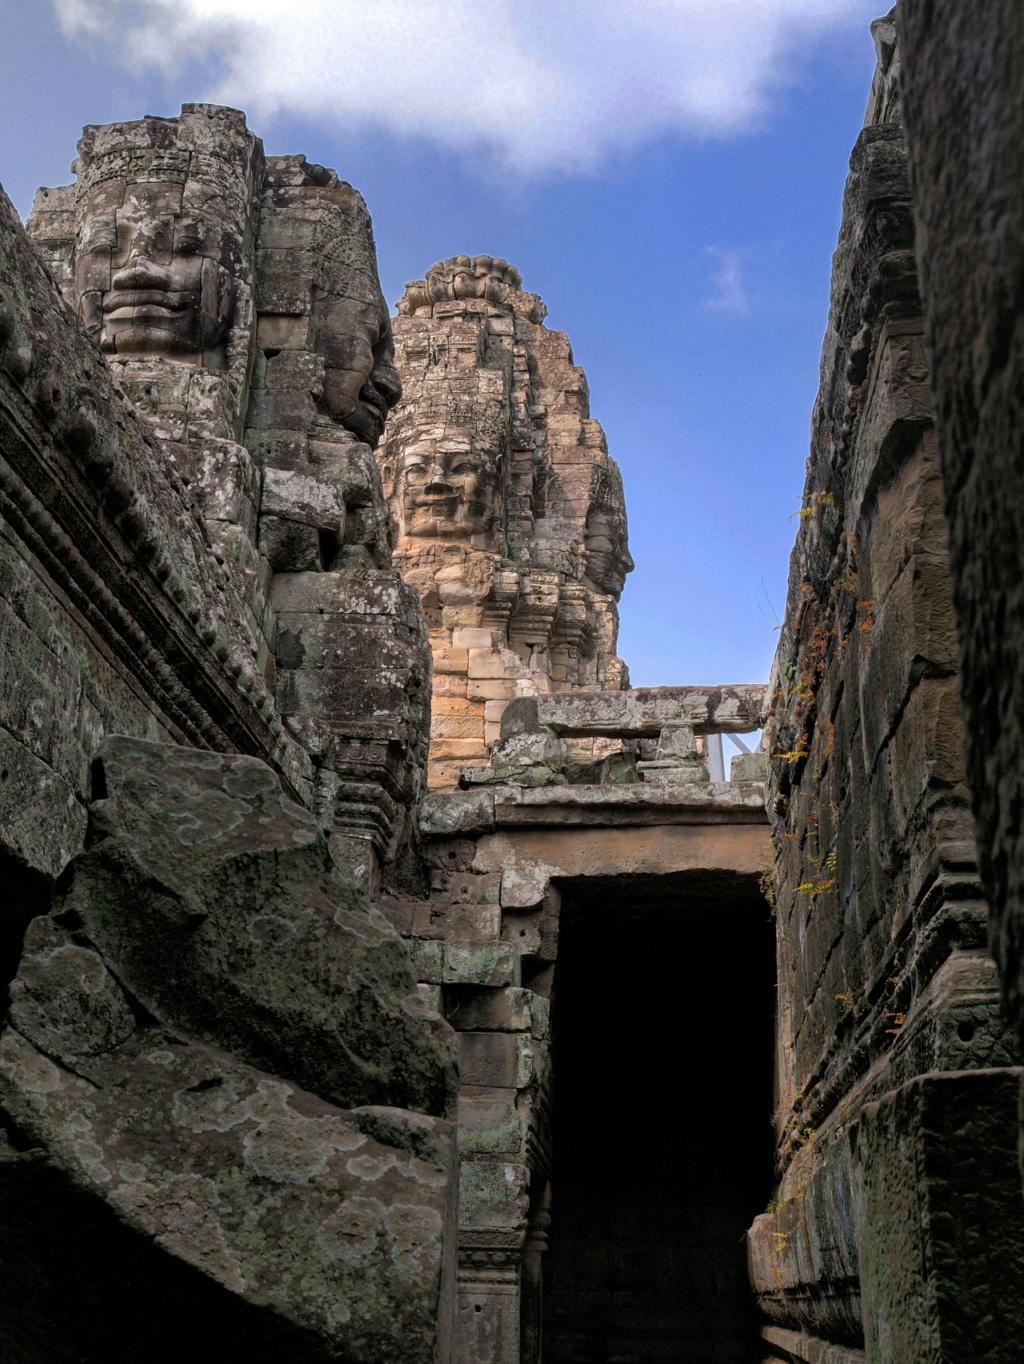 Cambodge: Visite à Angkor Thom Jcxnmr10